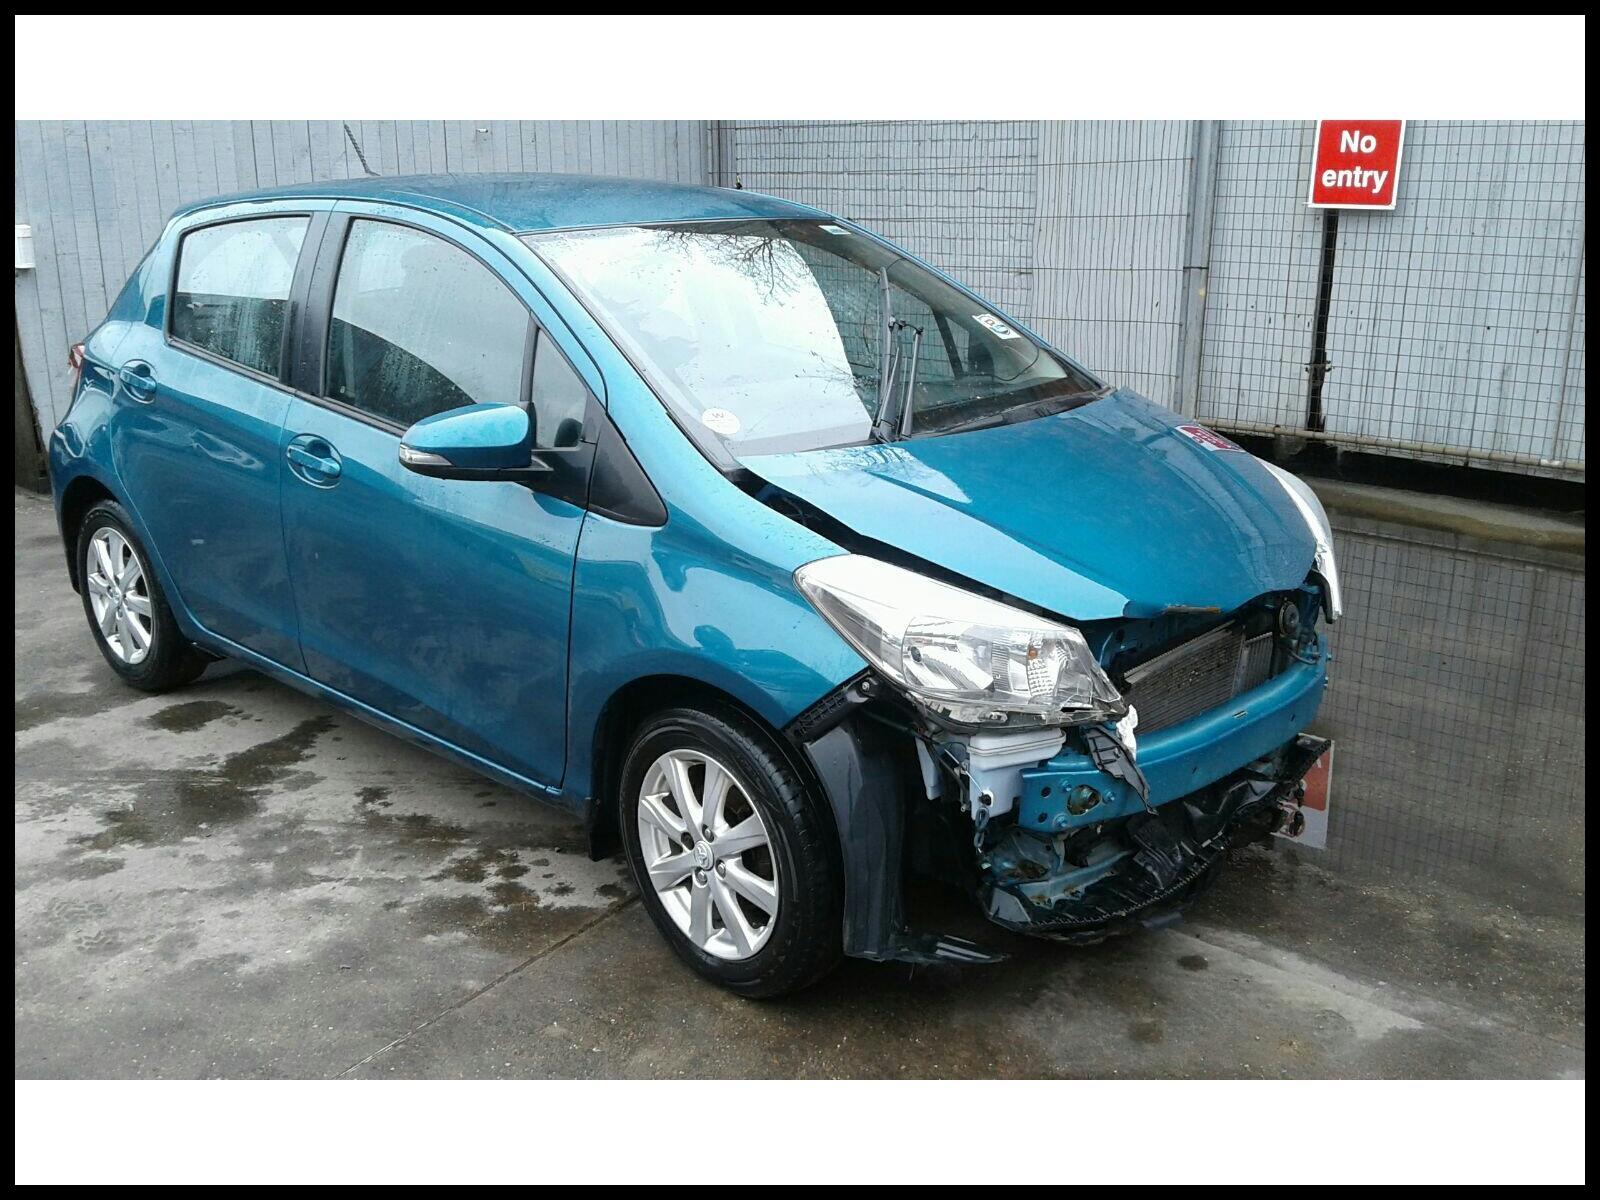 Toyota Yaris 2011 To 2014 5 Door Hatchback